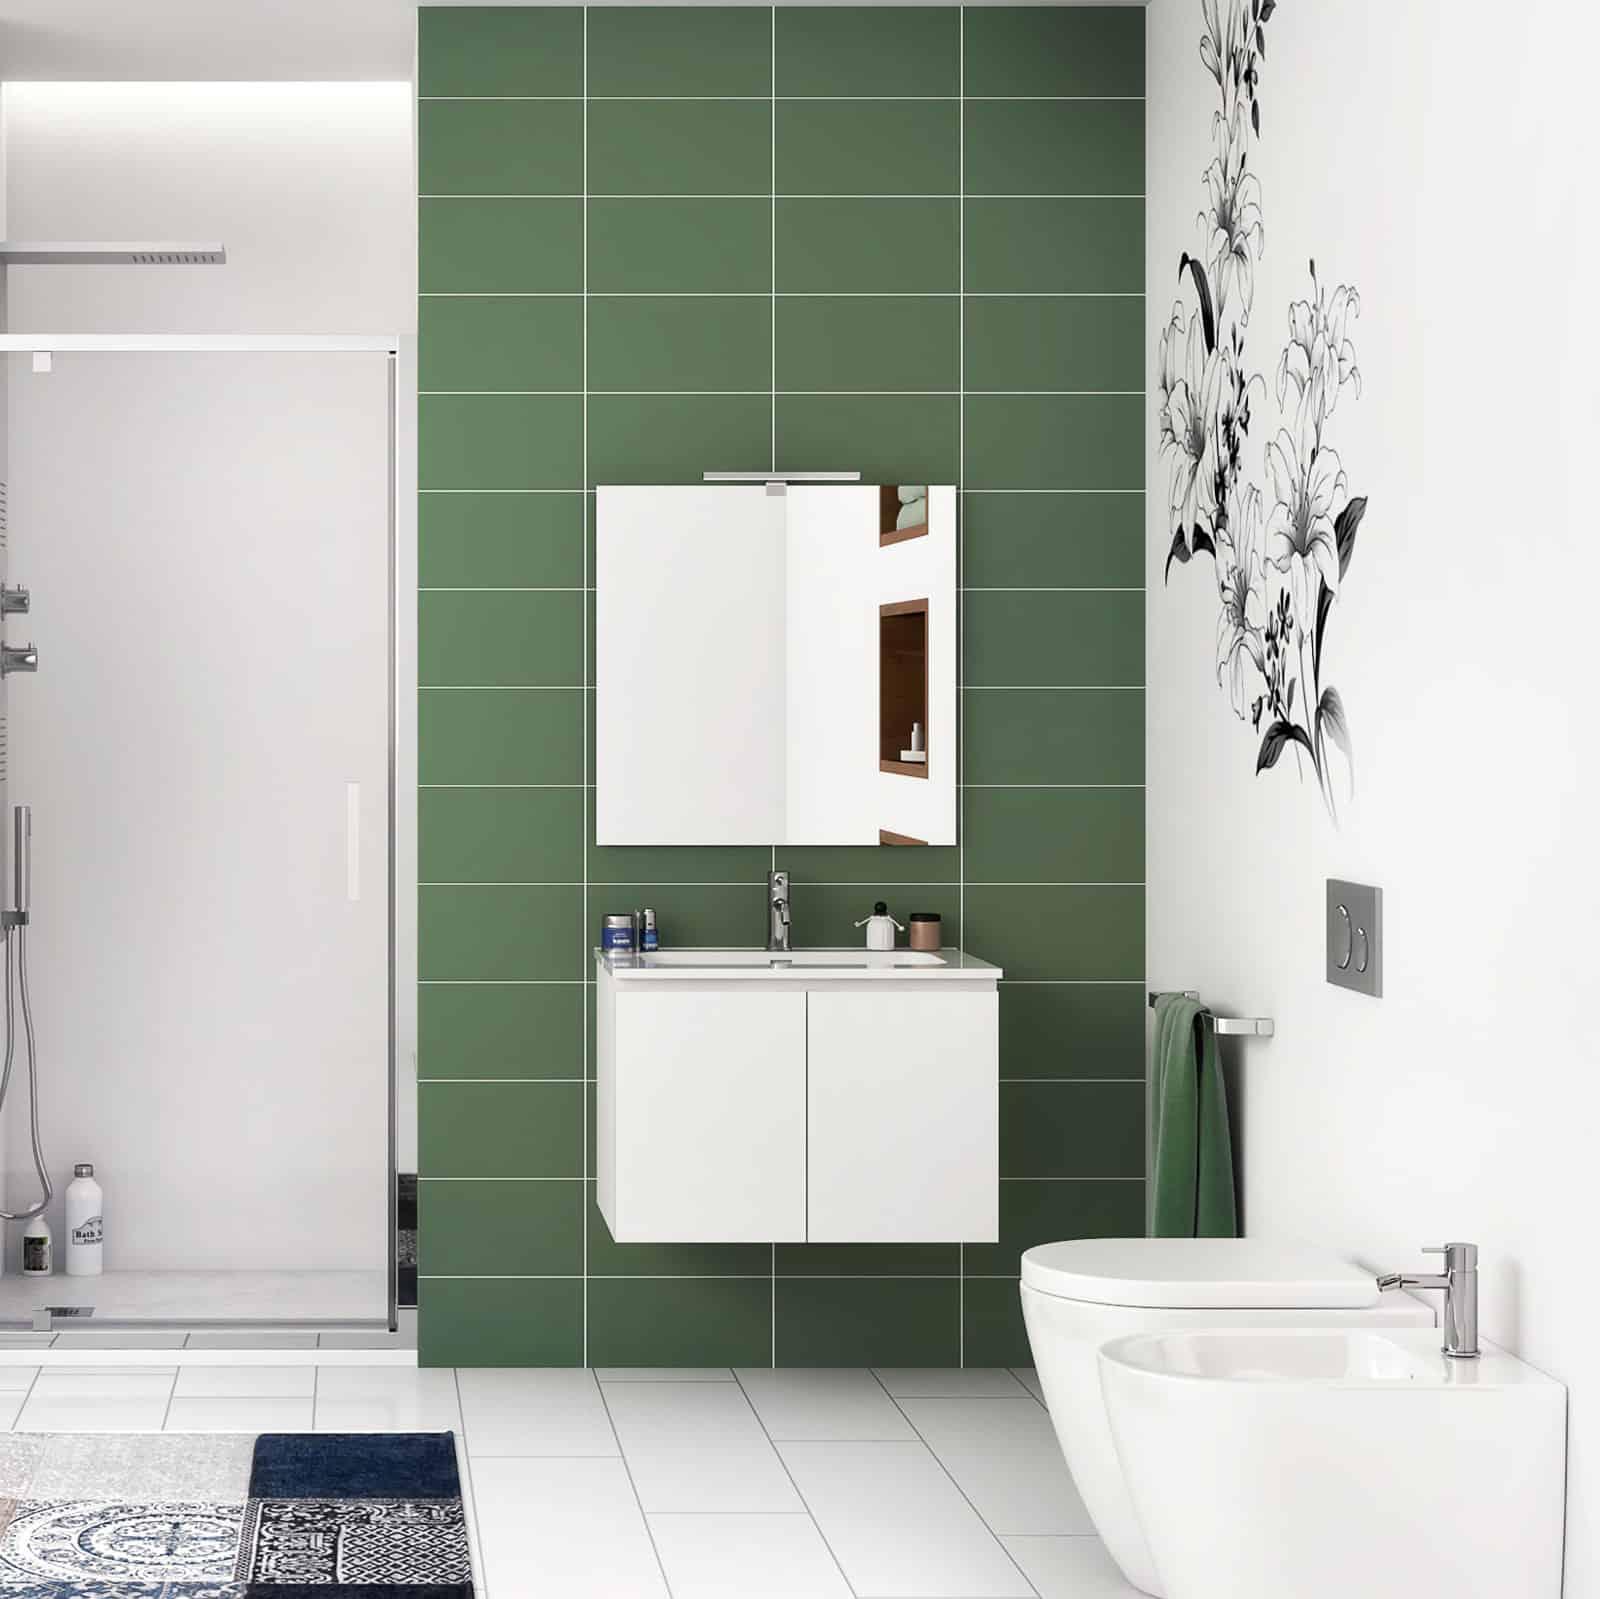 Mobile sospeso moderno 60 cm bianco lucido 2 ante con lavabo e specchio